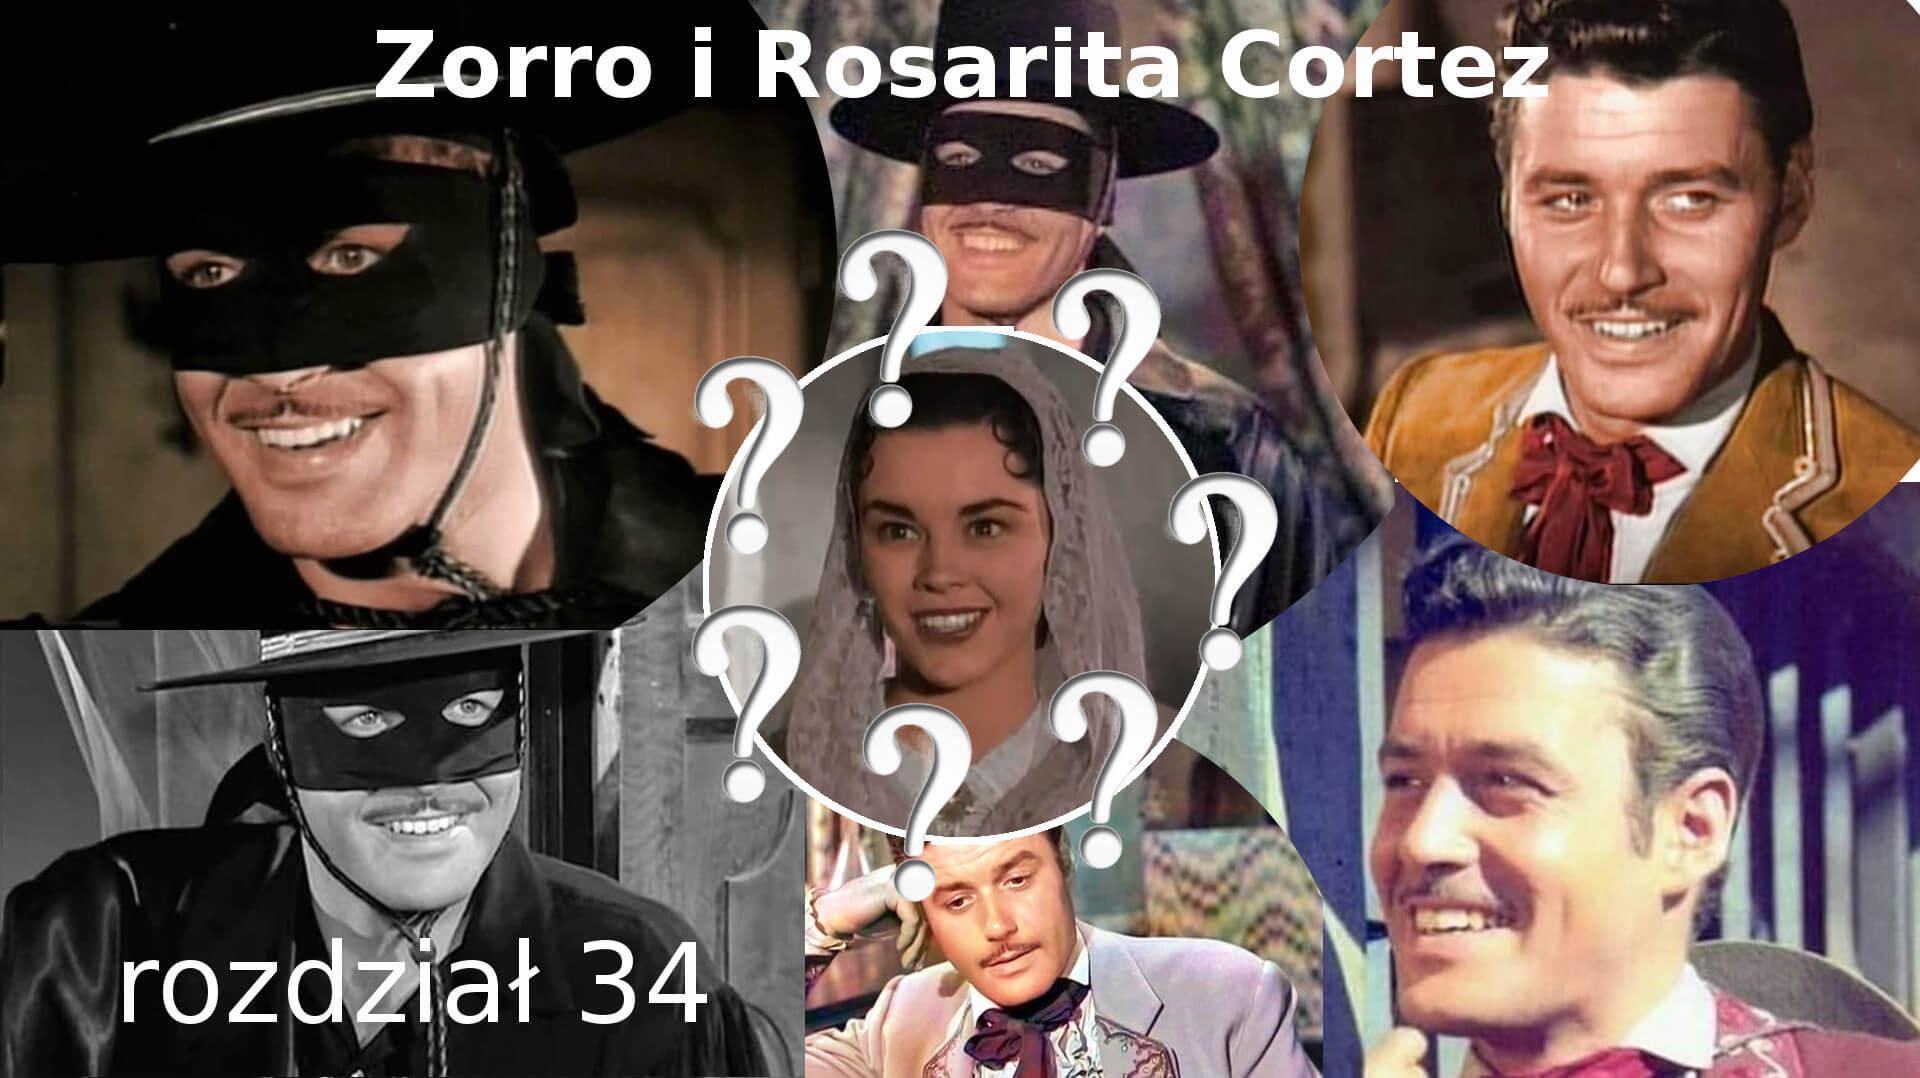 Zorro i Rosarita Cortez rozdział 34 Walt Disney Zorro fanfiction